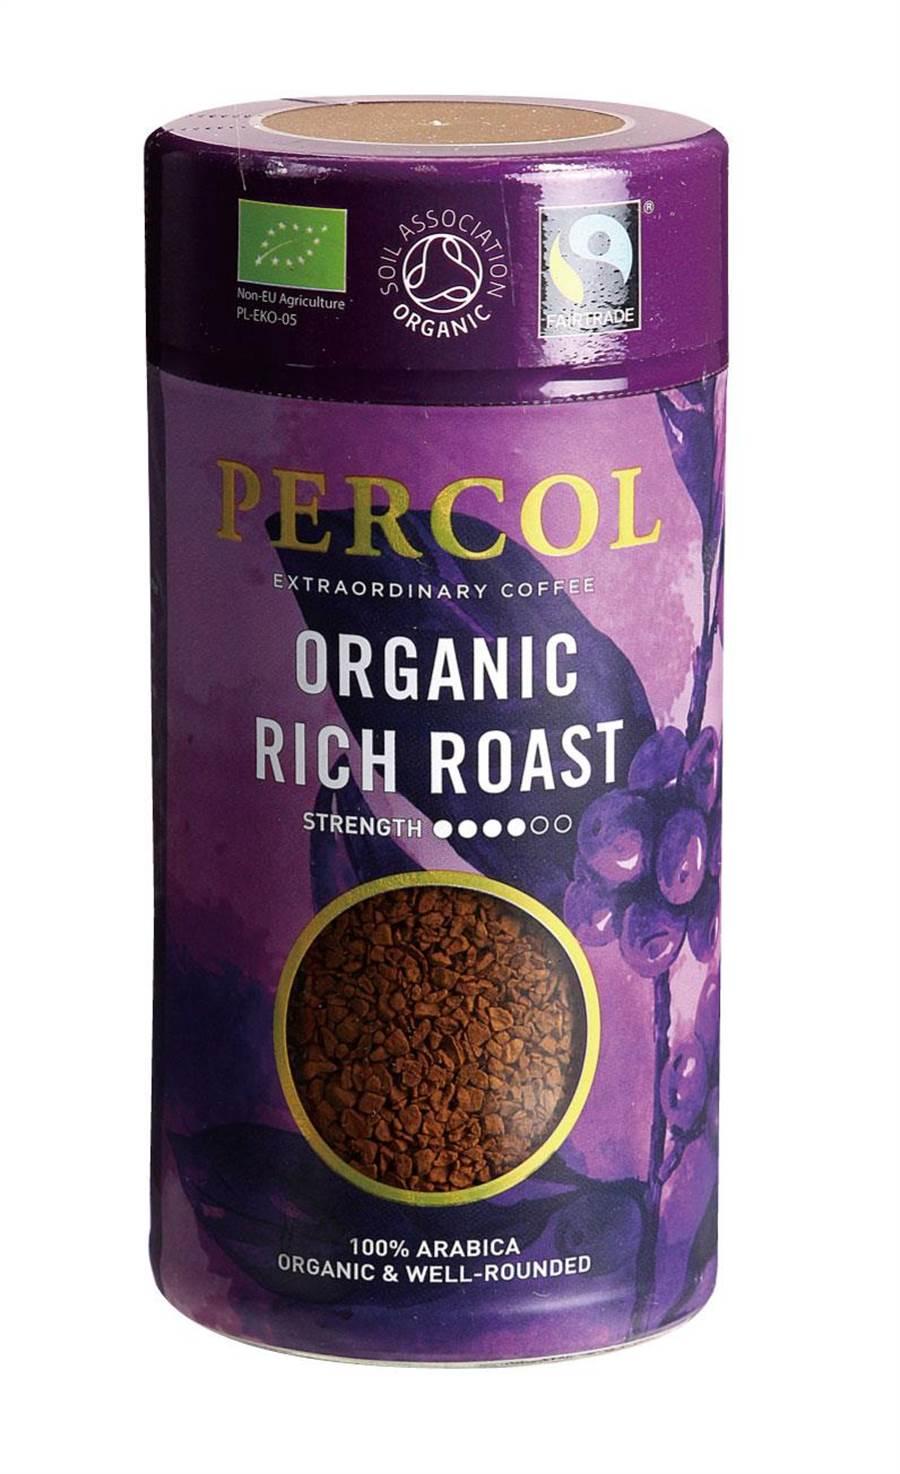 愛買英國Percol有機嚴選即溶黑咖啡,每罐100g,26日前原價399元、特價348元,限量120罐,僅新竹巨城店未販售。(愛買提供)